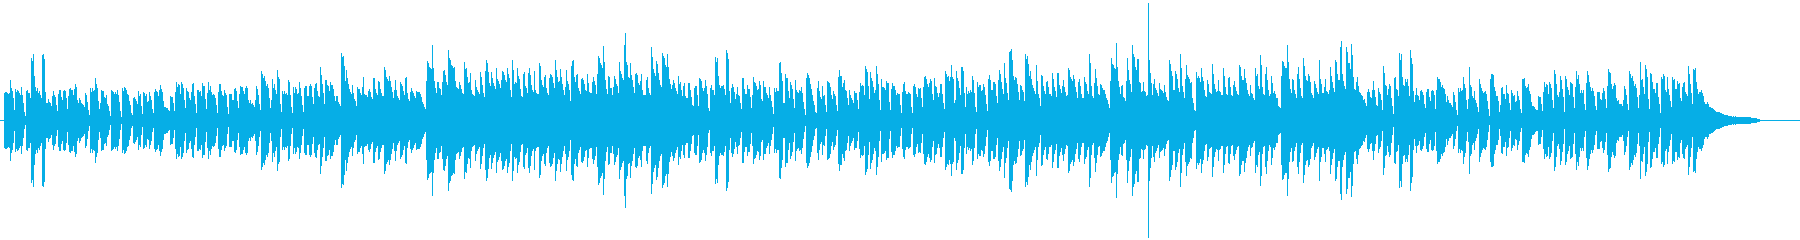 楽しく、幸せな、子供の音楽サイレン...の再生済みの波形